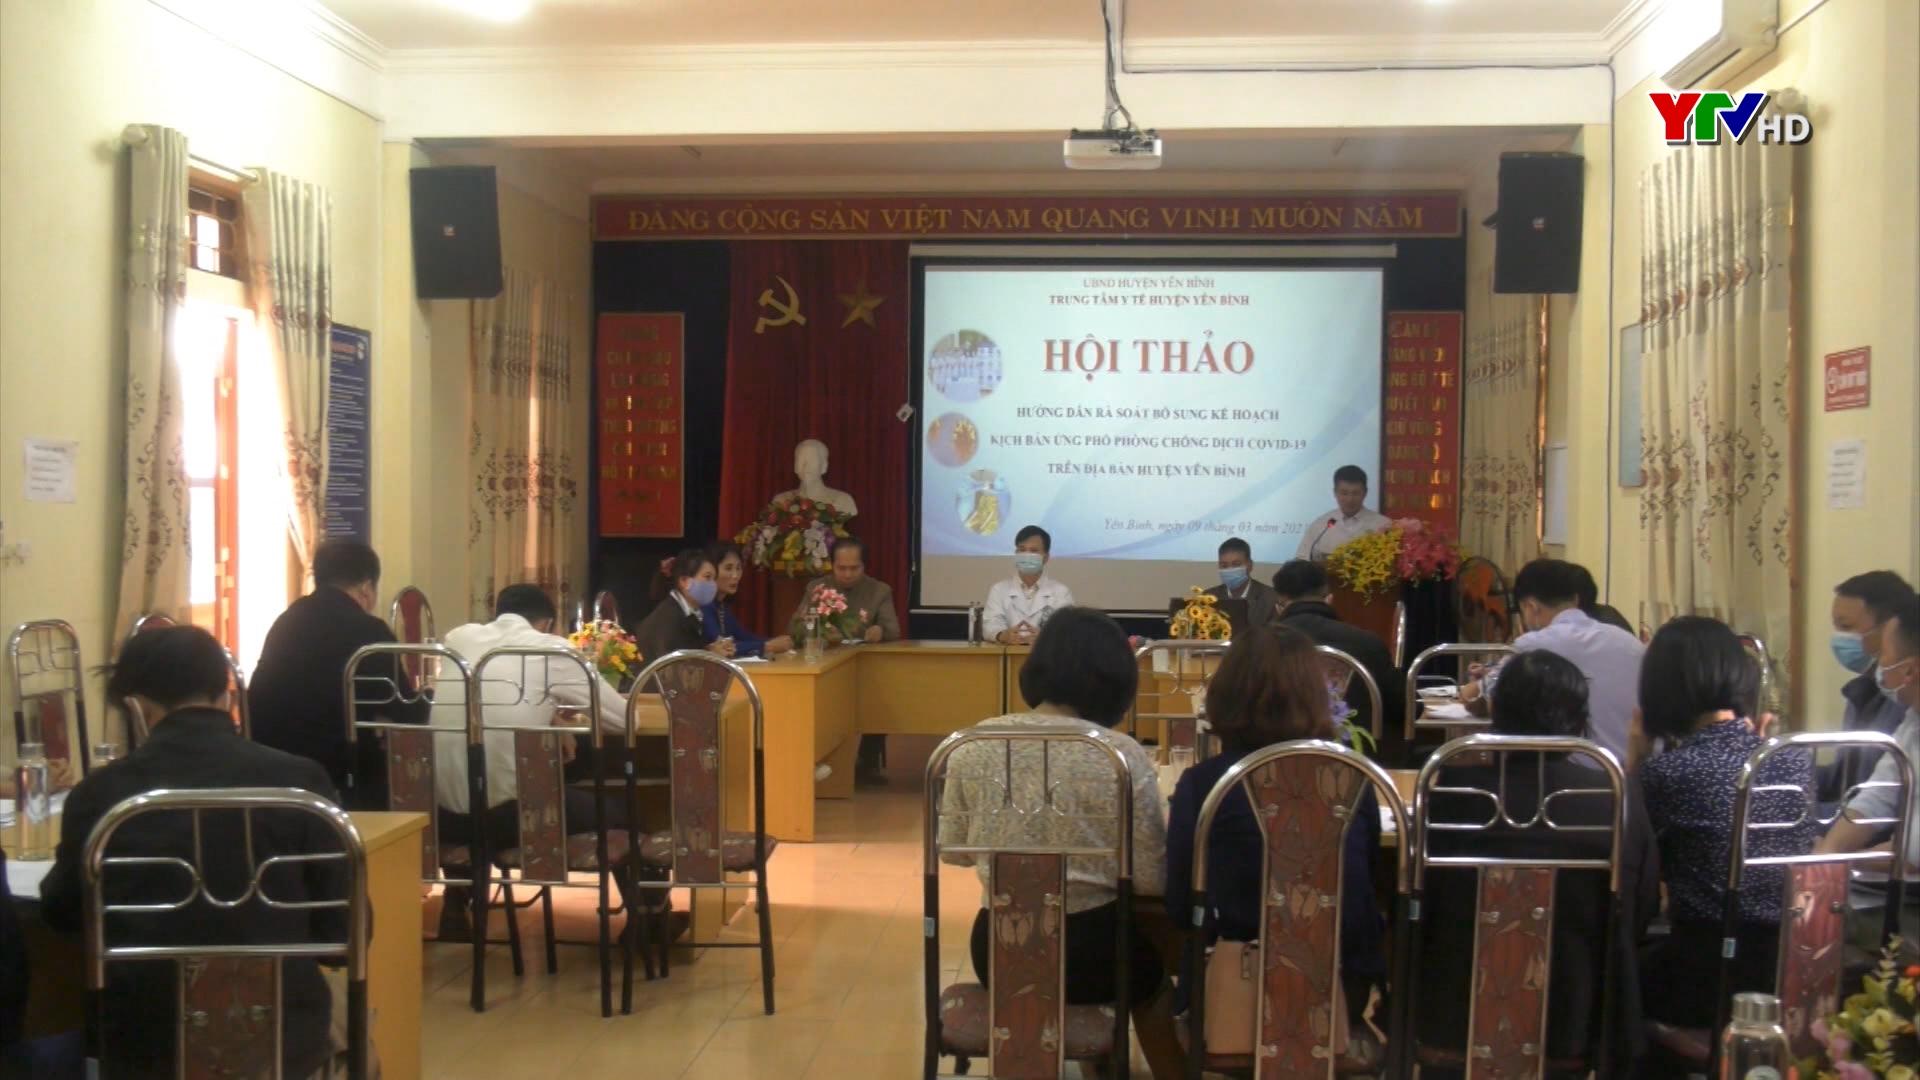 Huyện Yên Bình hướng dẫn rà soát bổ sung kịch bản ứng phó với dịch COVID - 19